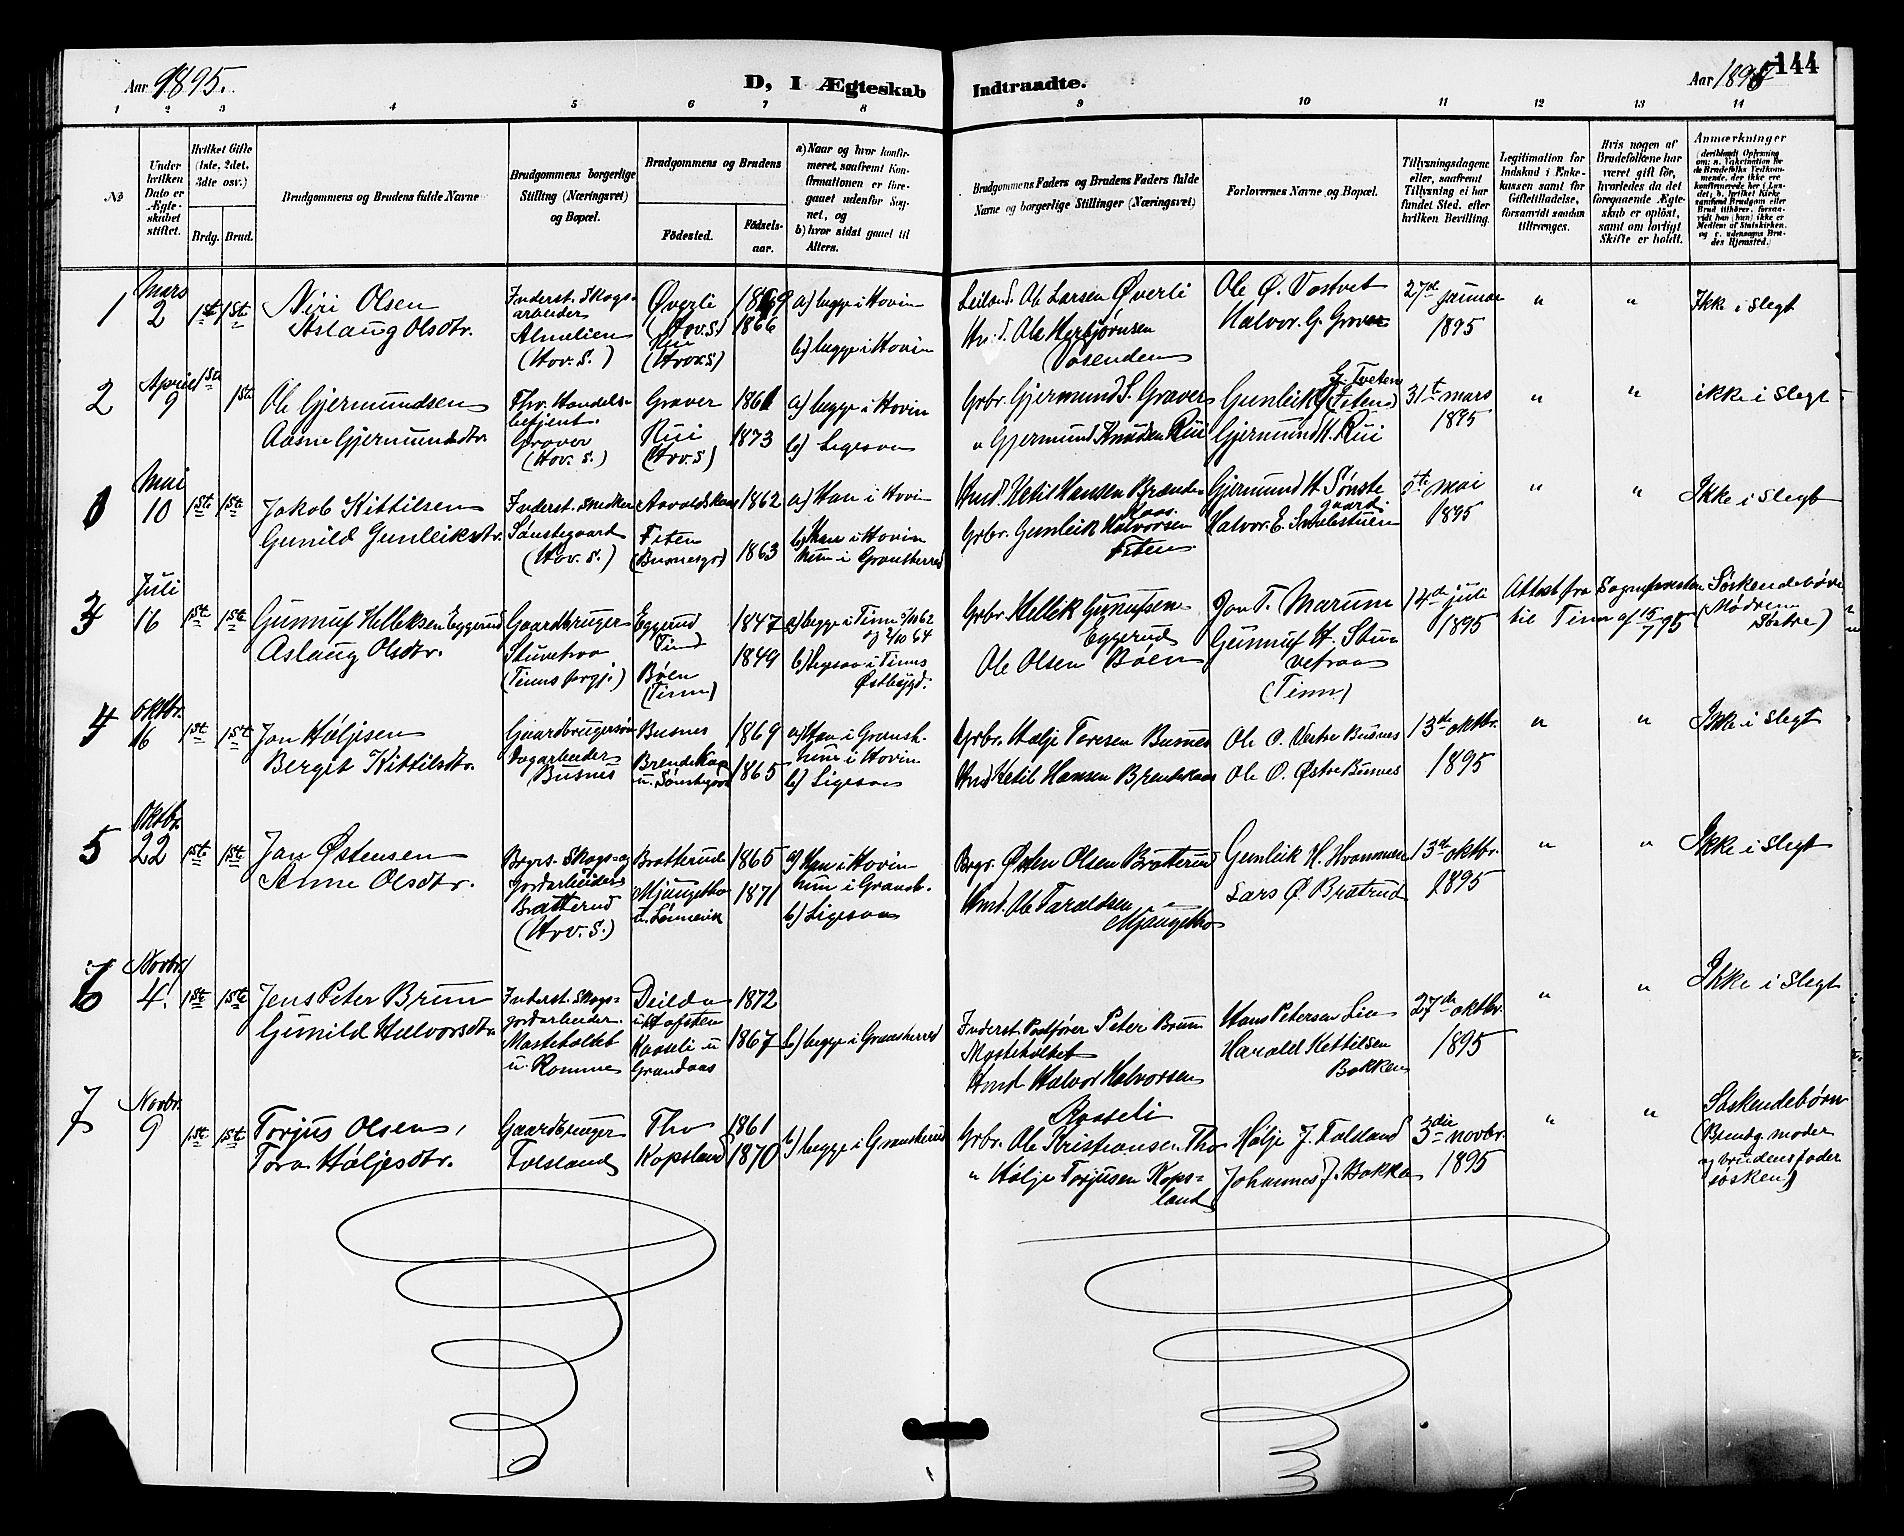 SAKO, Gransherad kirkebøker, G/Ga/L0003: Klokkerbok nr. I 3, 1887-1915, s. 144